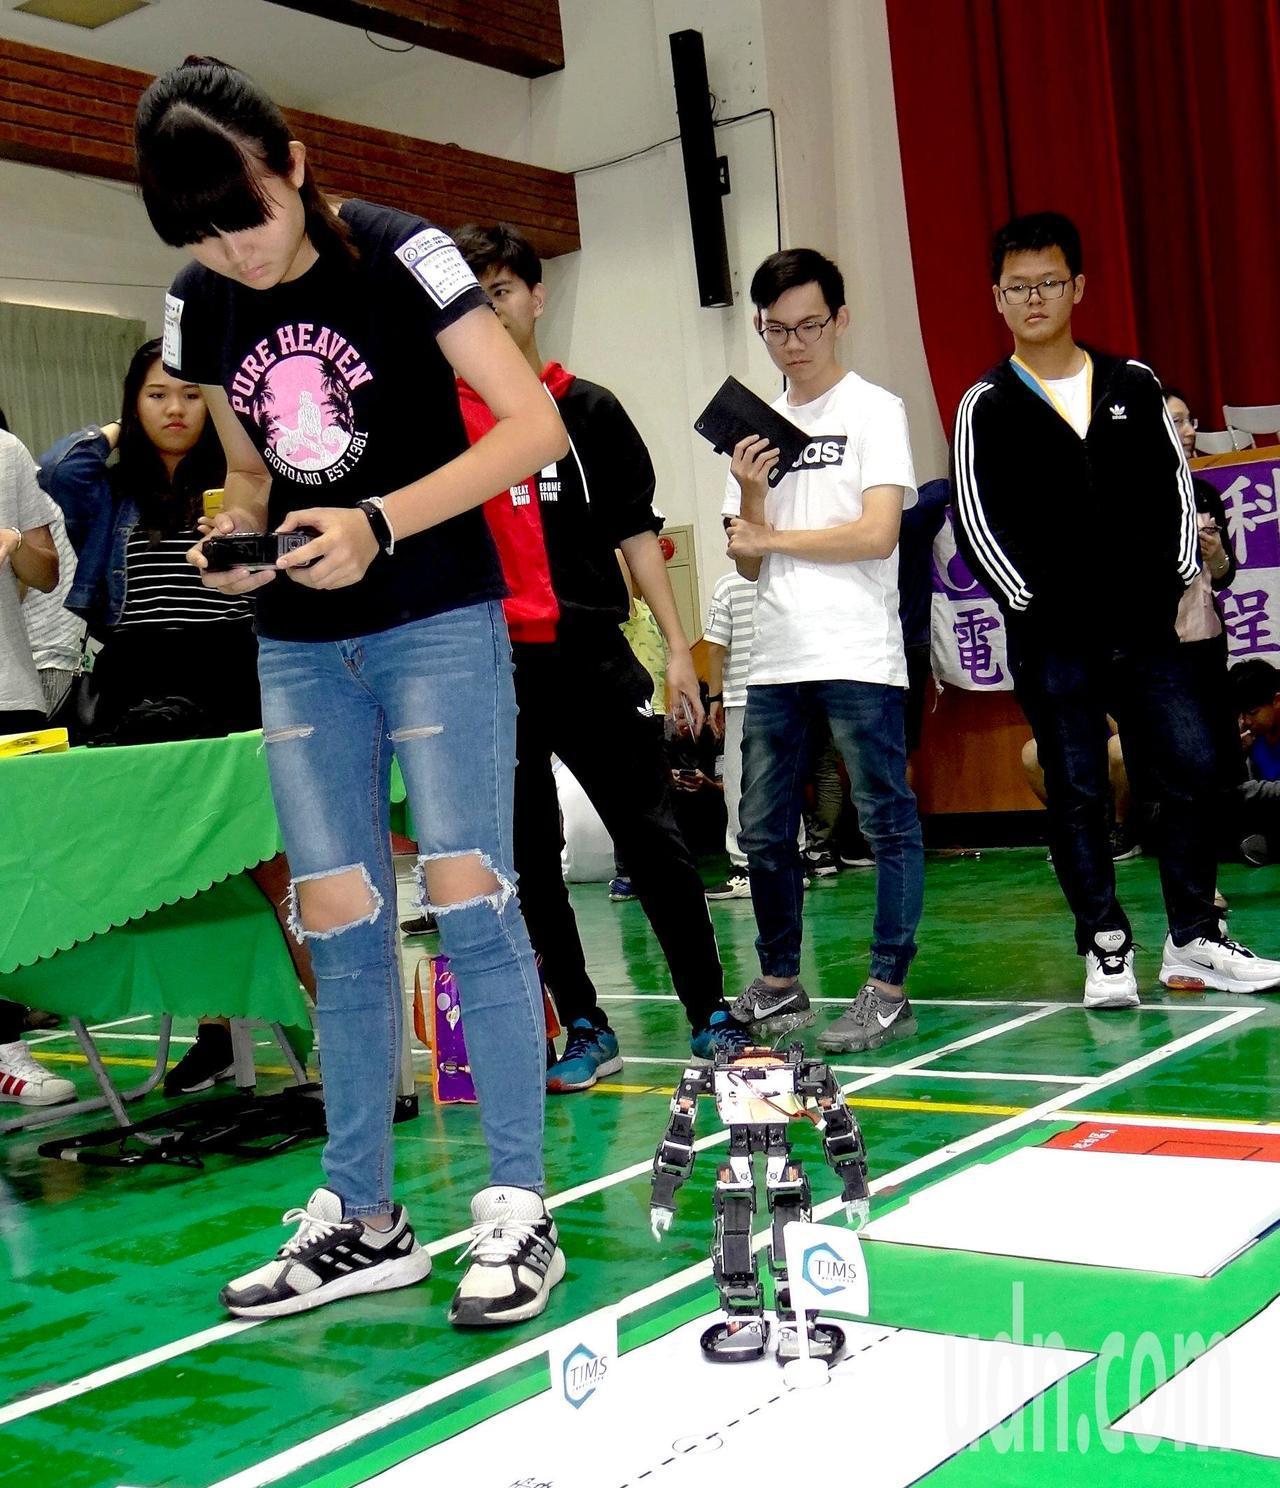 2019亞洲機器人運動競技大賽,各地選手聚精會神操控機器人。記者王昭月/攝影